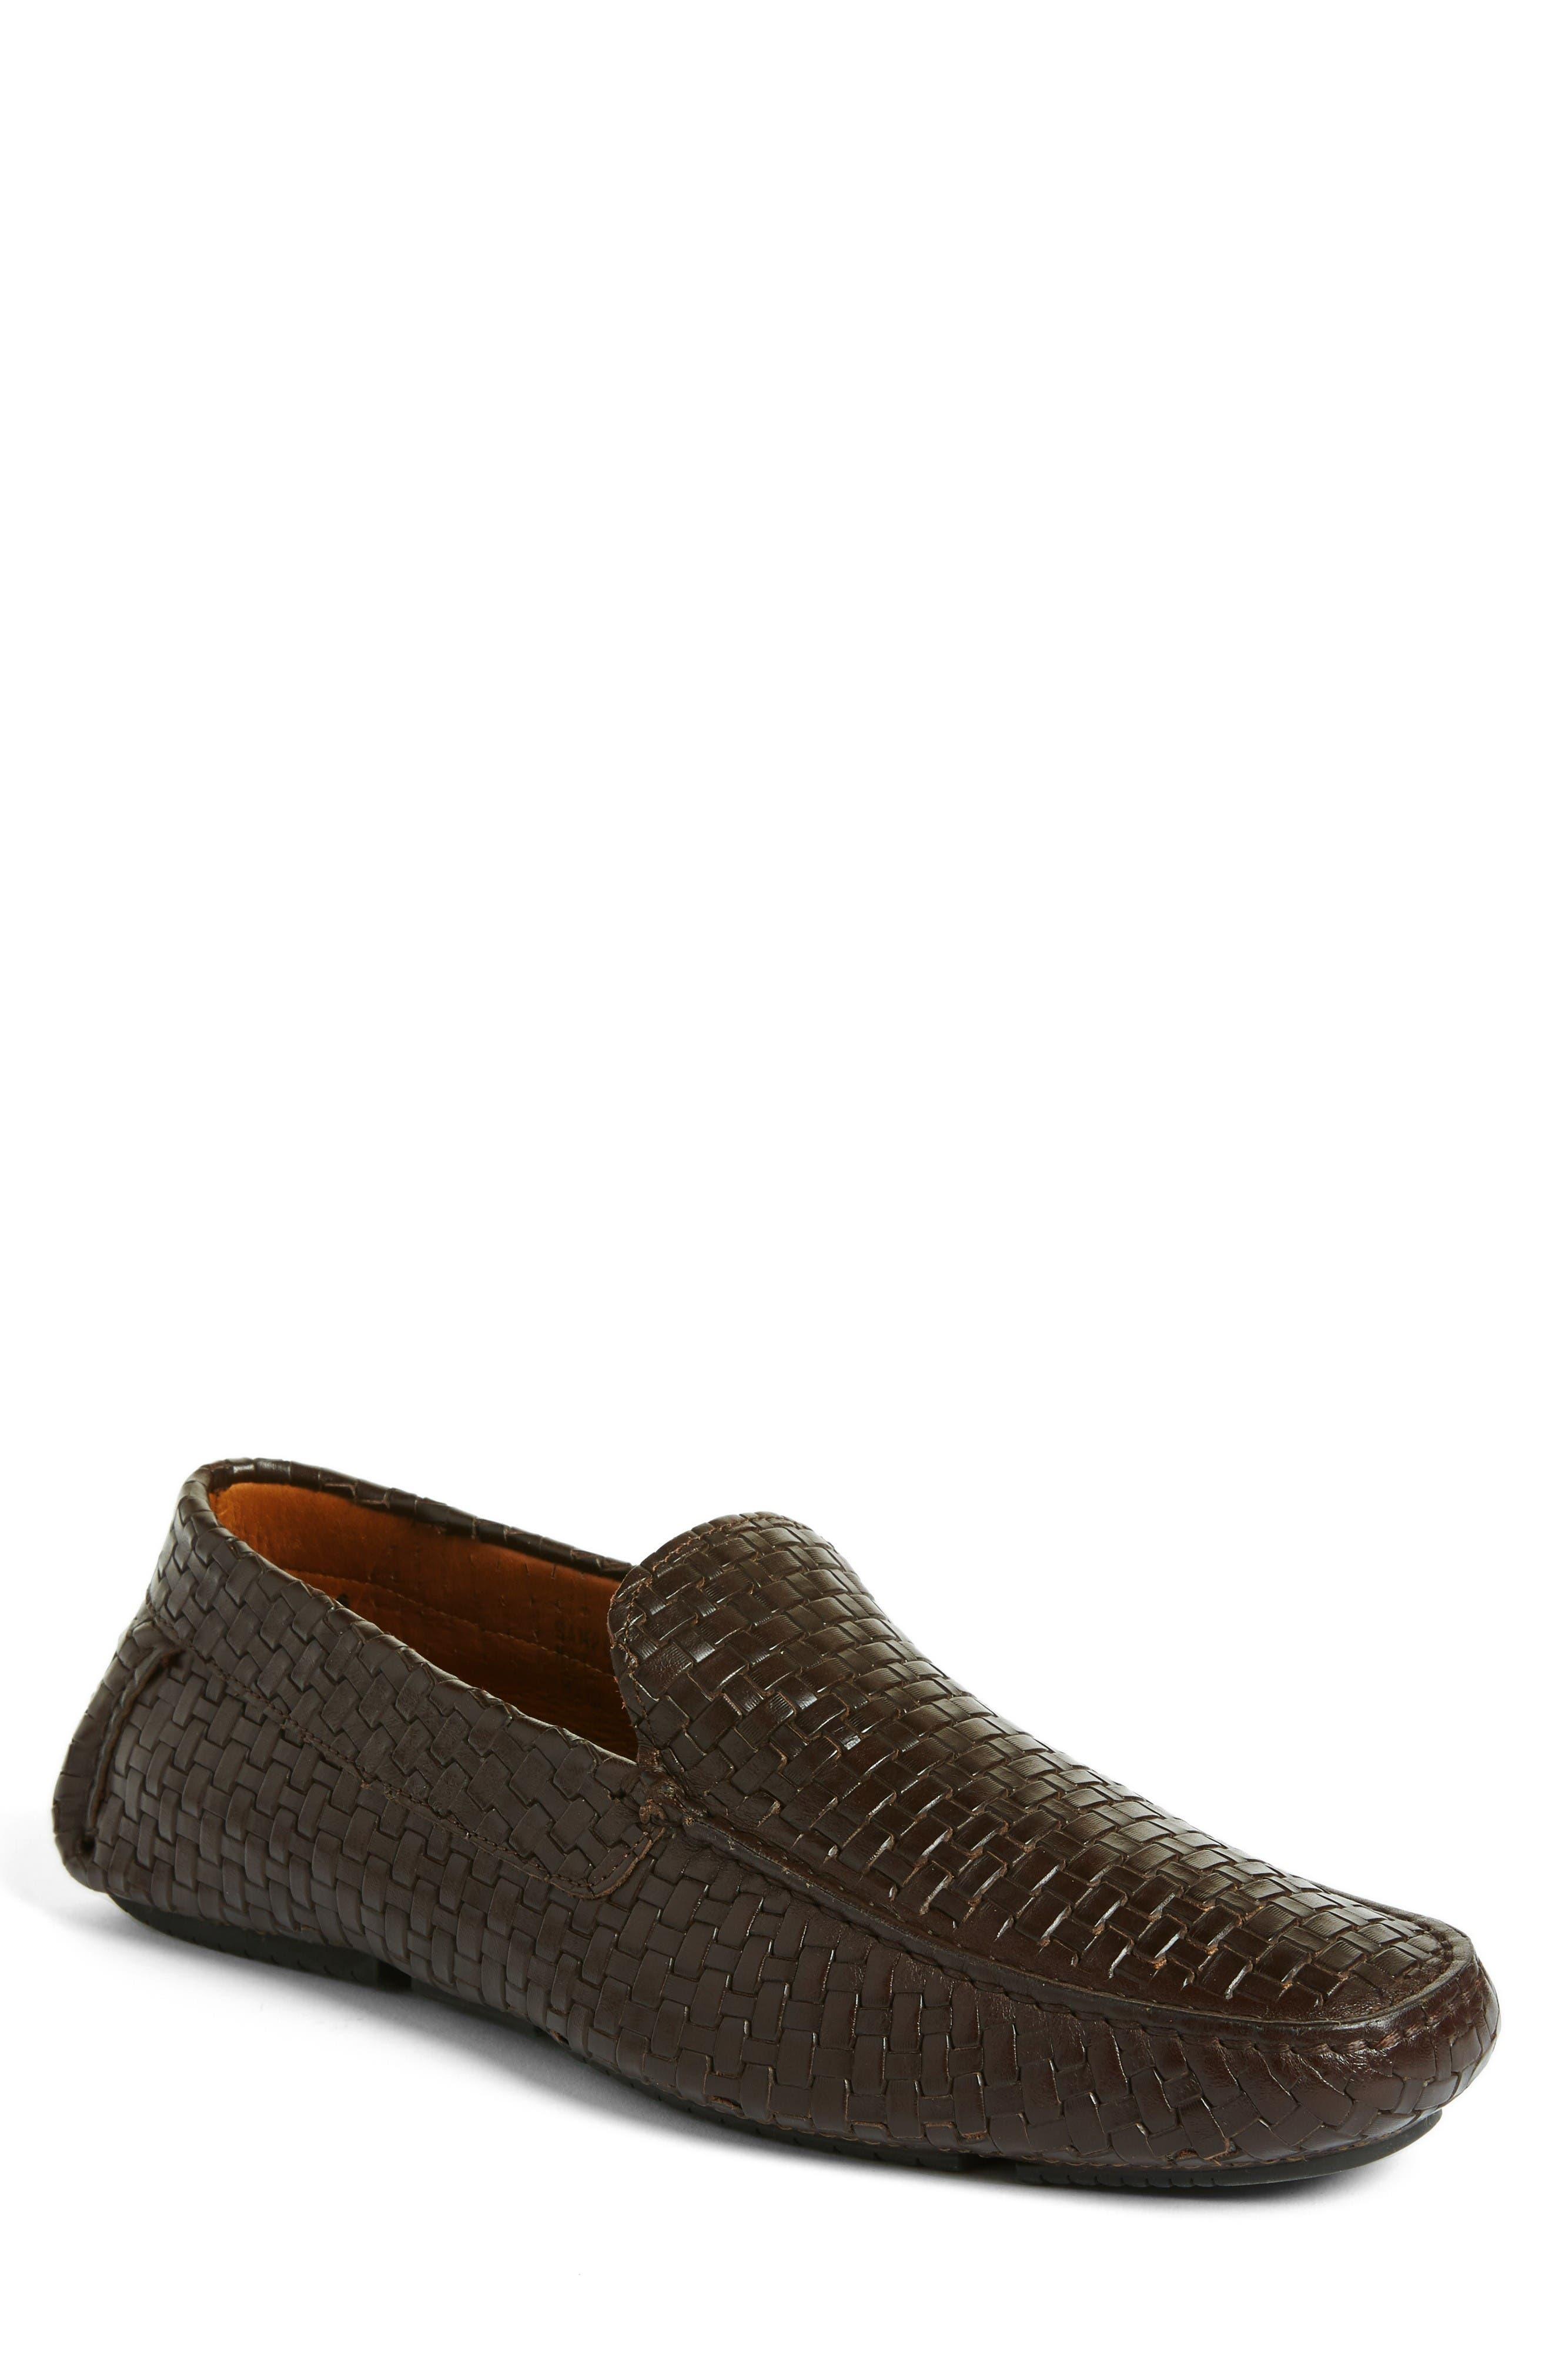 Aquatalia Bryce Driving Shoe (Men)